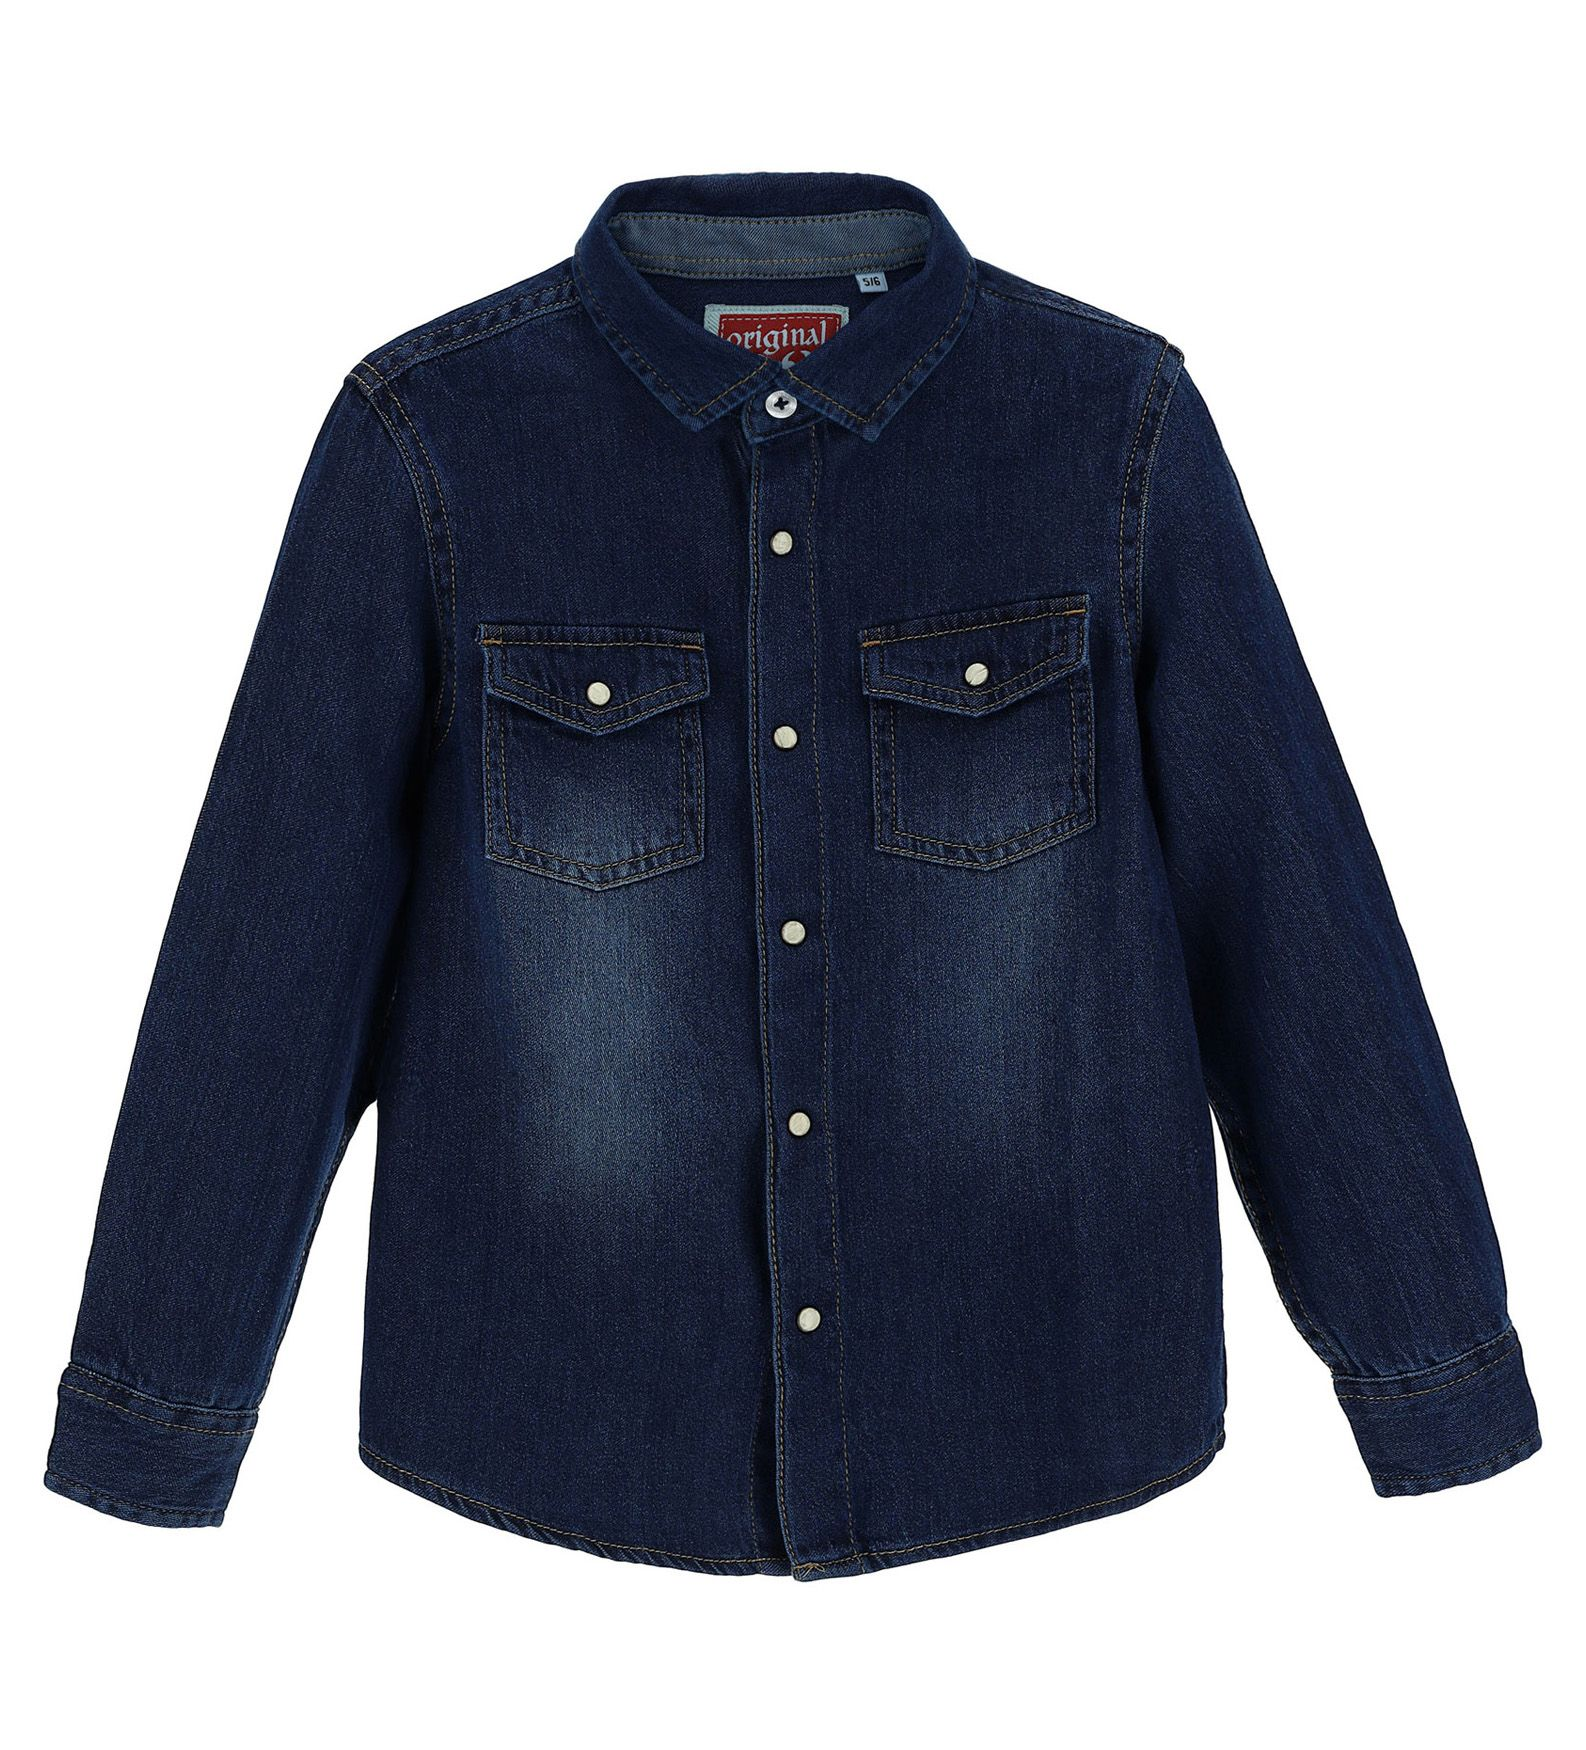 Купить Рубашка с длинным рукавом Original Marines, синий, 104, Мальчики, зима